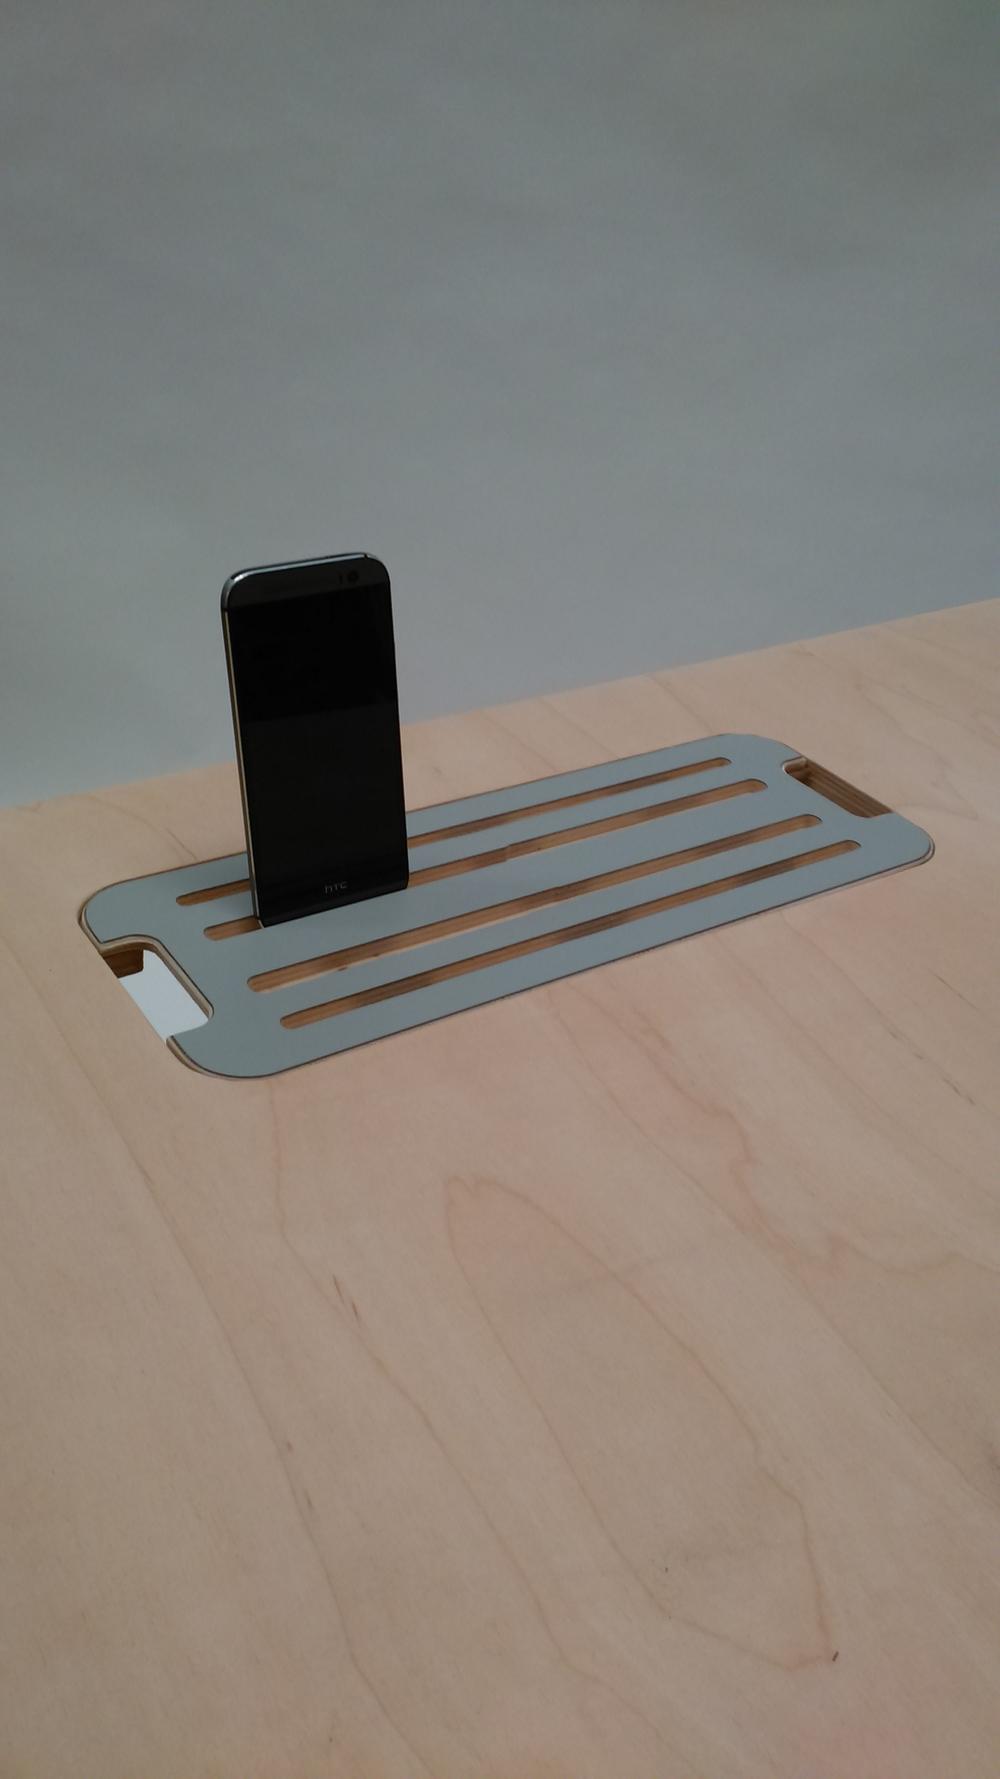 Tapa con ranuras para telefono y pad y salidas laterales para cables